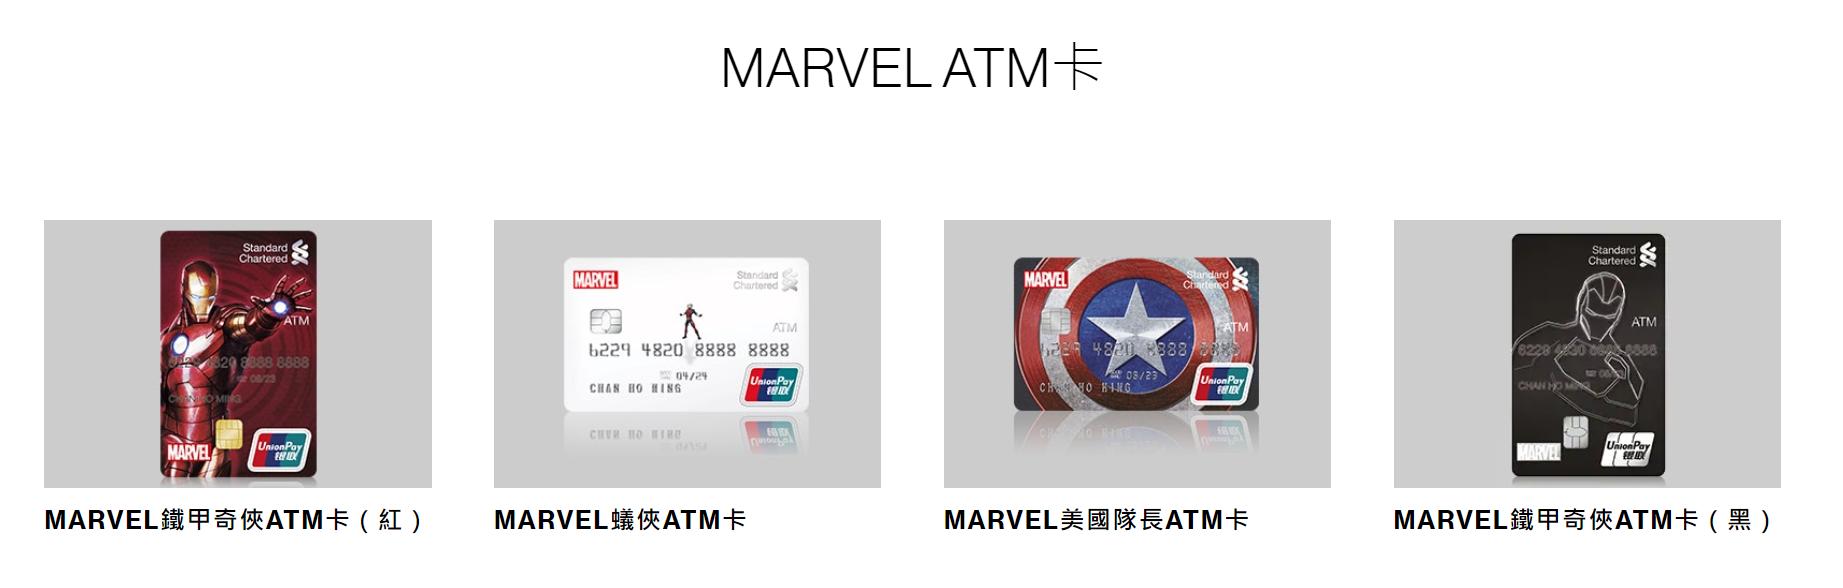 渣打MARVEL ATM卡